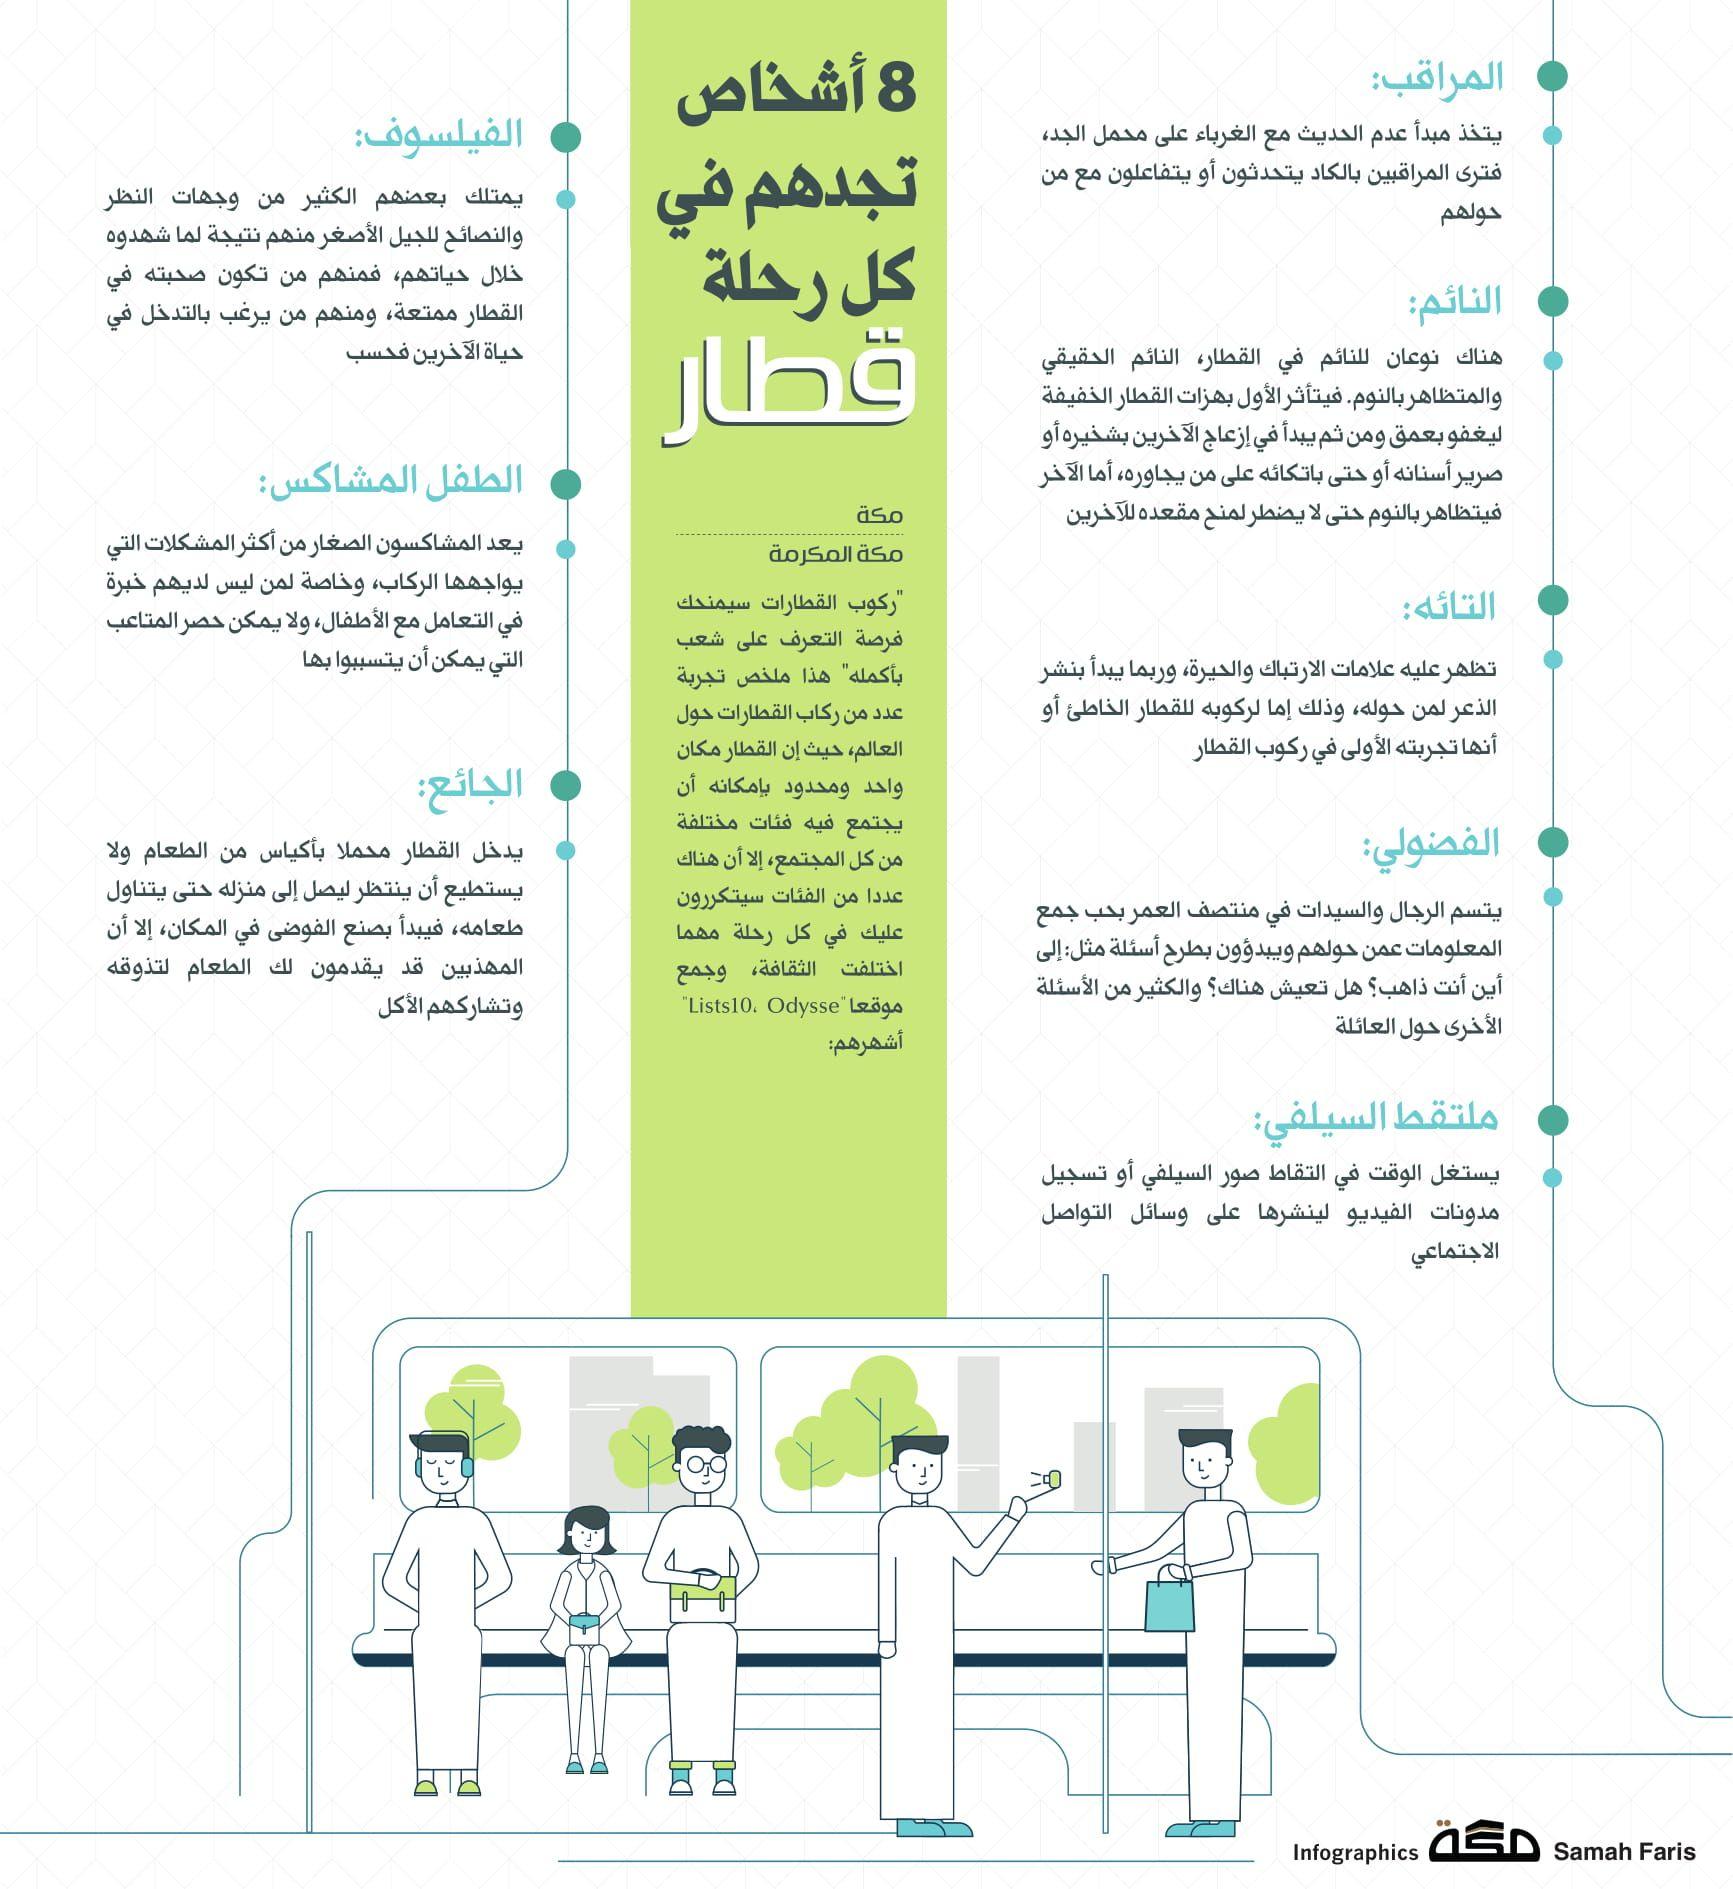 8 أشخاص تجدهم في كل رحلة قطار صحيفة مكة انفوجرافيك معلومات Infographic Bullet Journal Journal